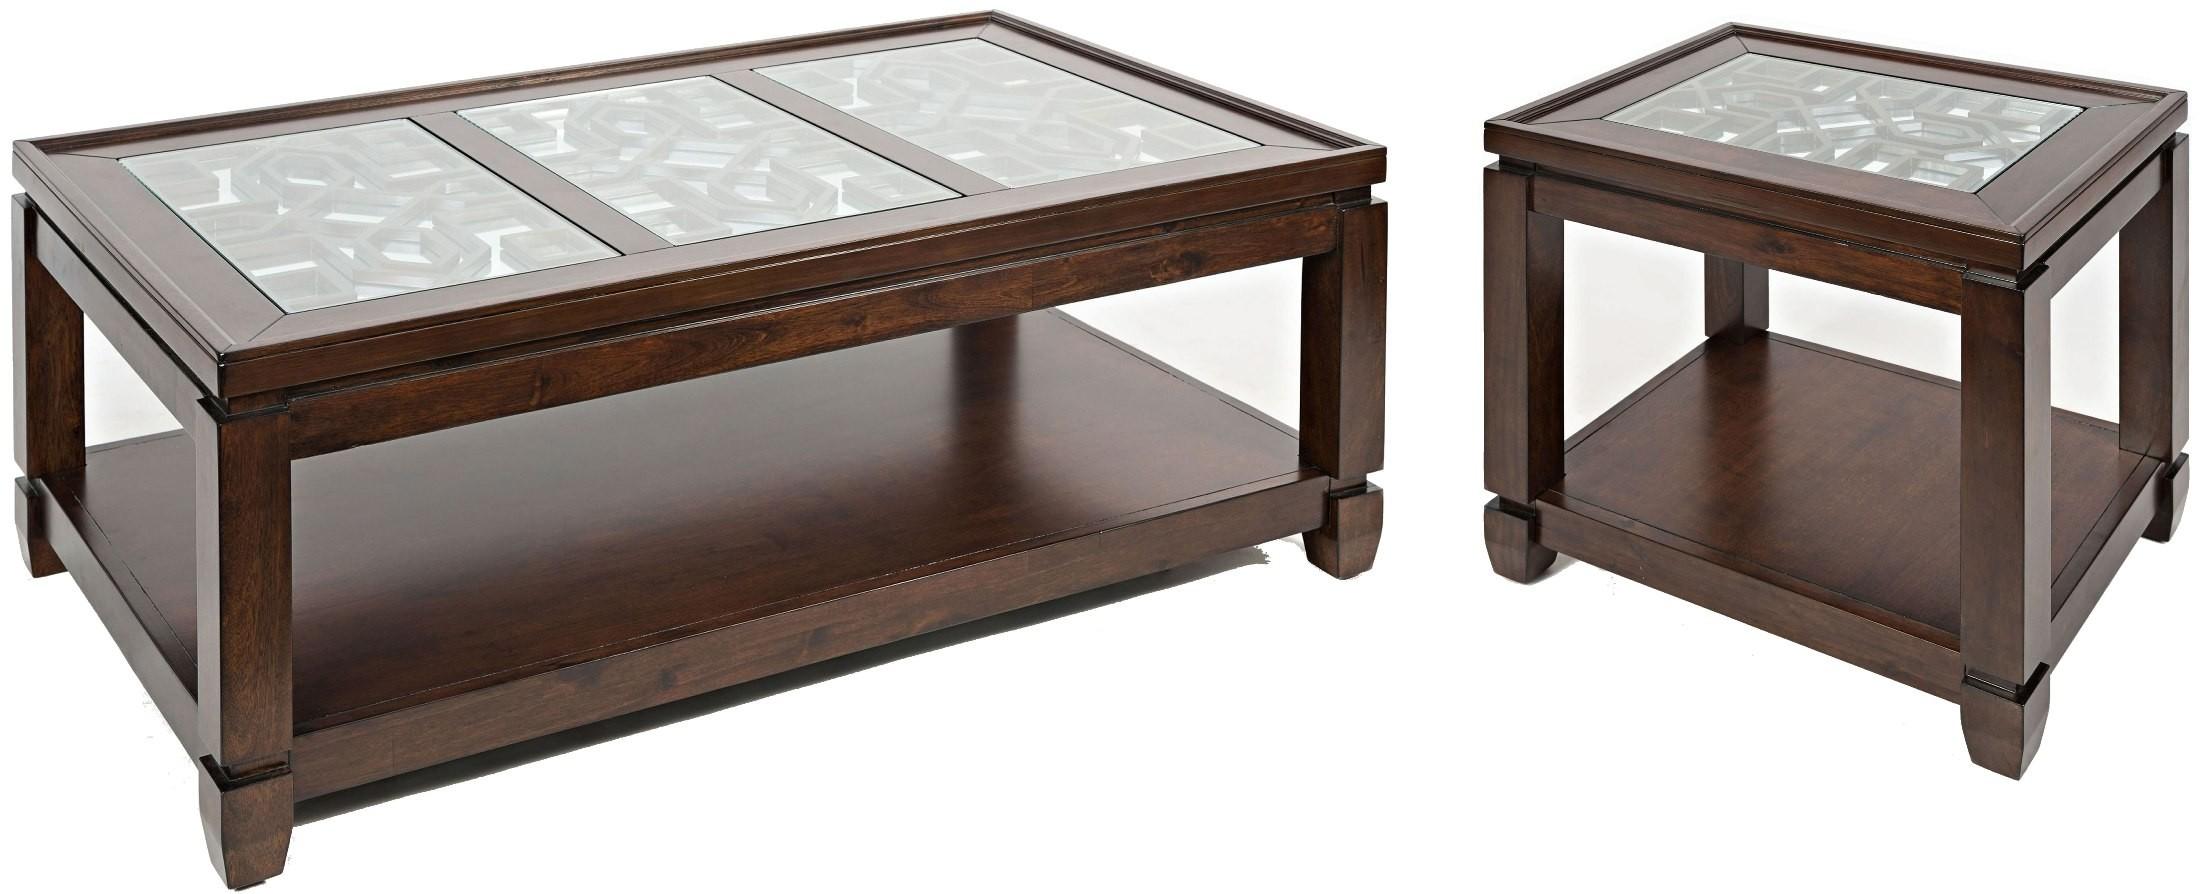 Casa bella cherry end table 1566 3 jofran for Casa bella collection